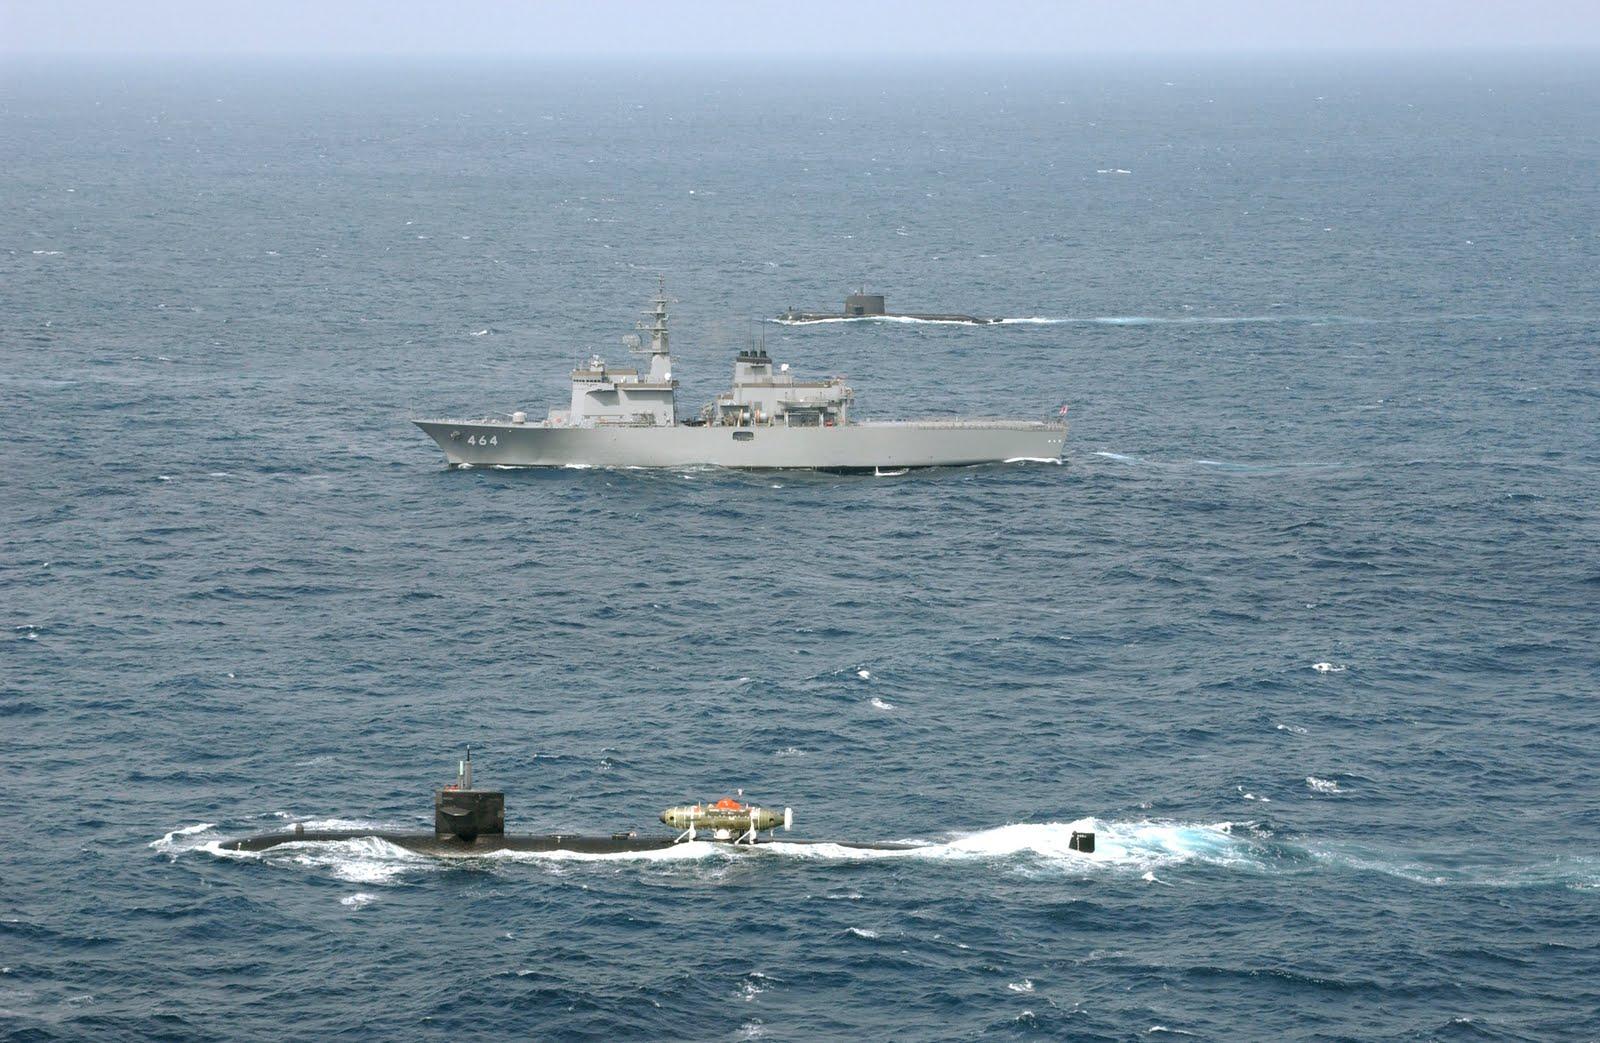 アメリカ海軍ホームページに見る海上自衛隊艦艇: MST464 ぶんご